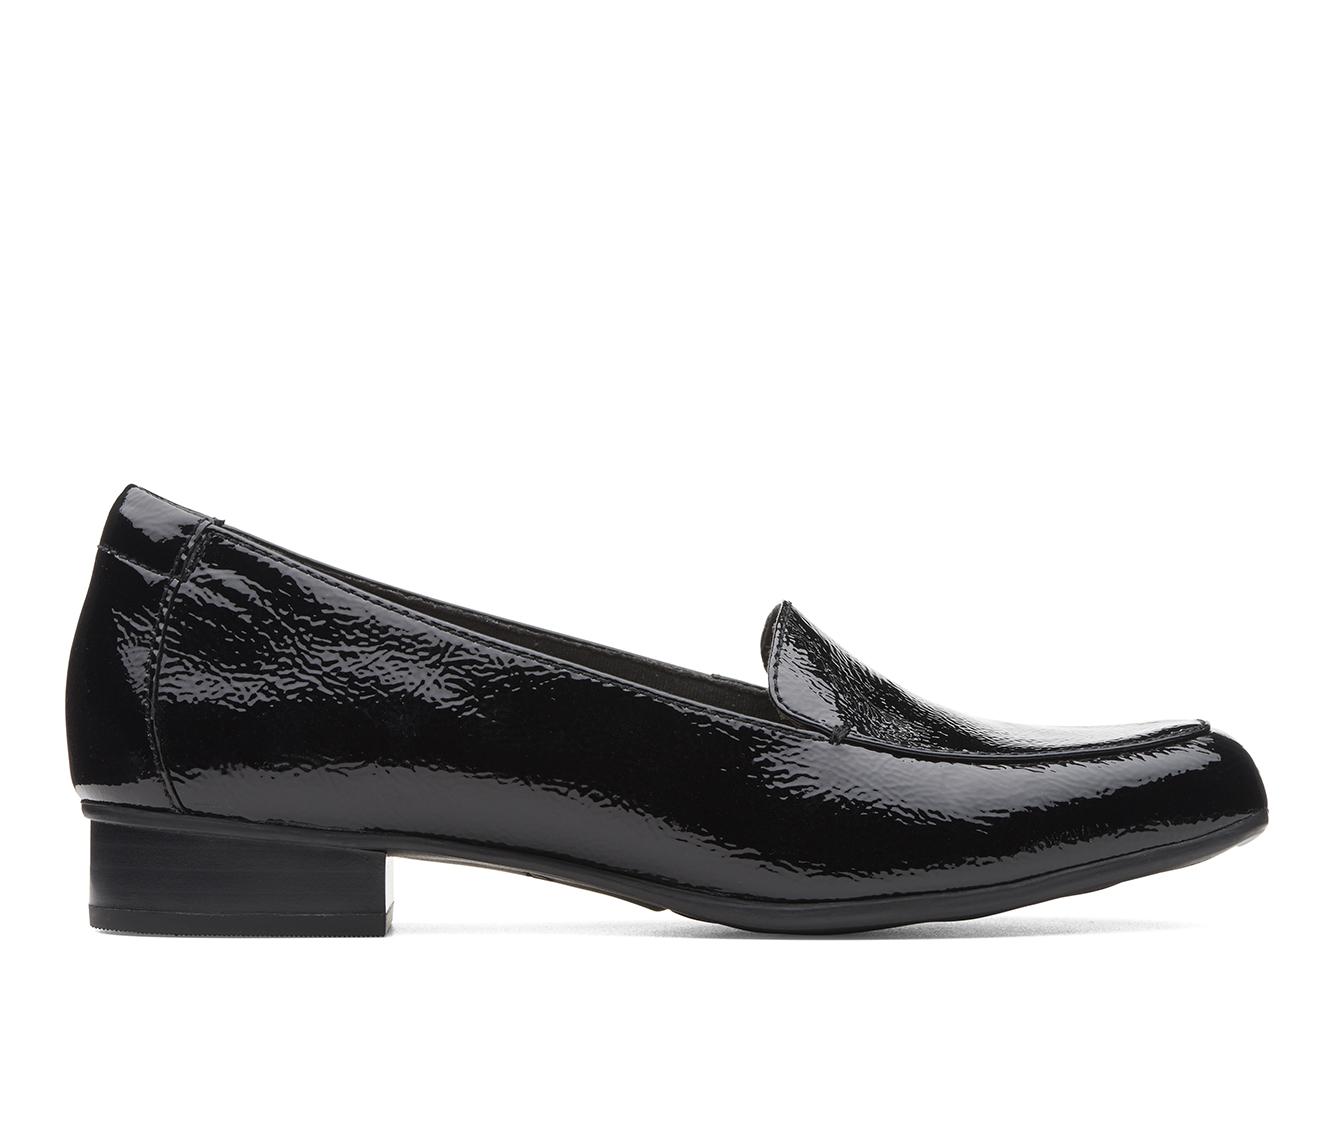 Clarks Juliet Lora Women's Shoe (Black Faux Leather)